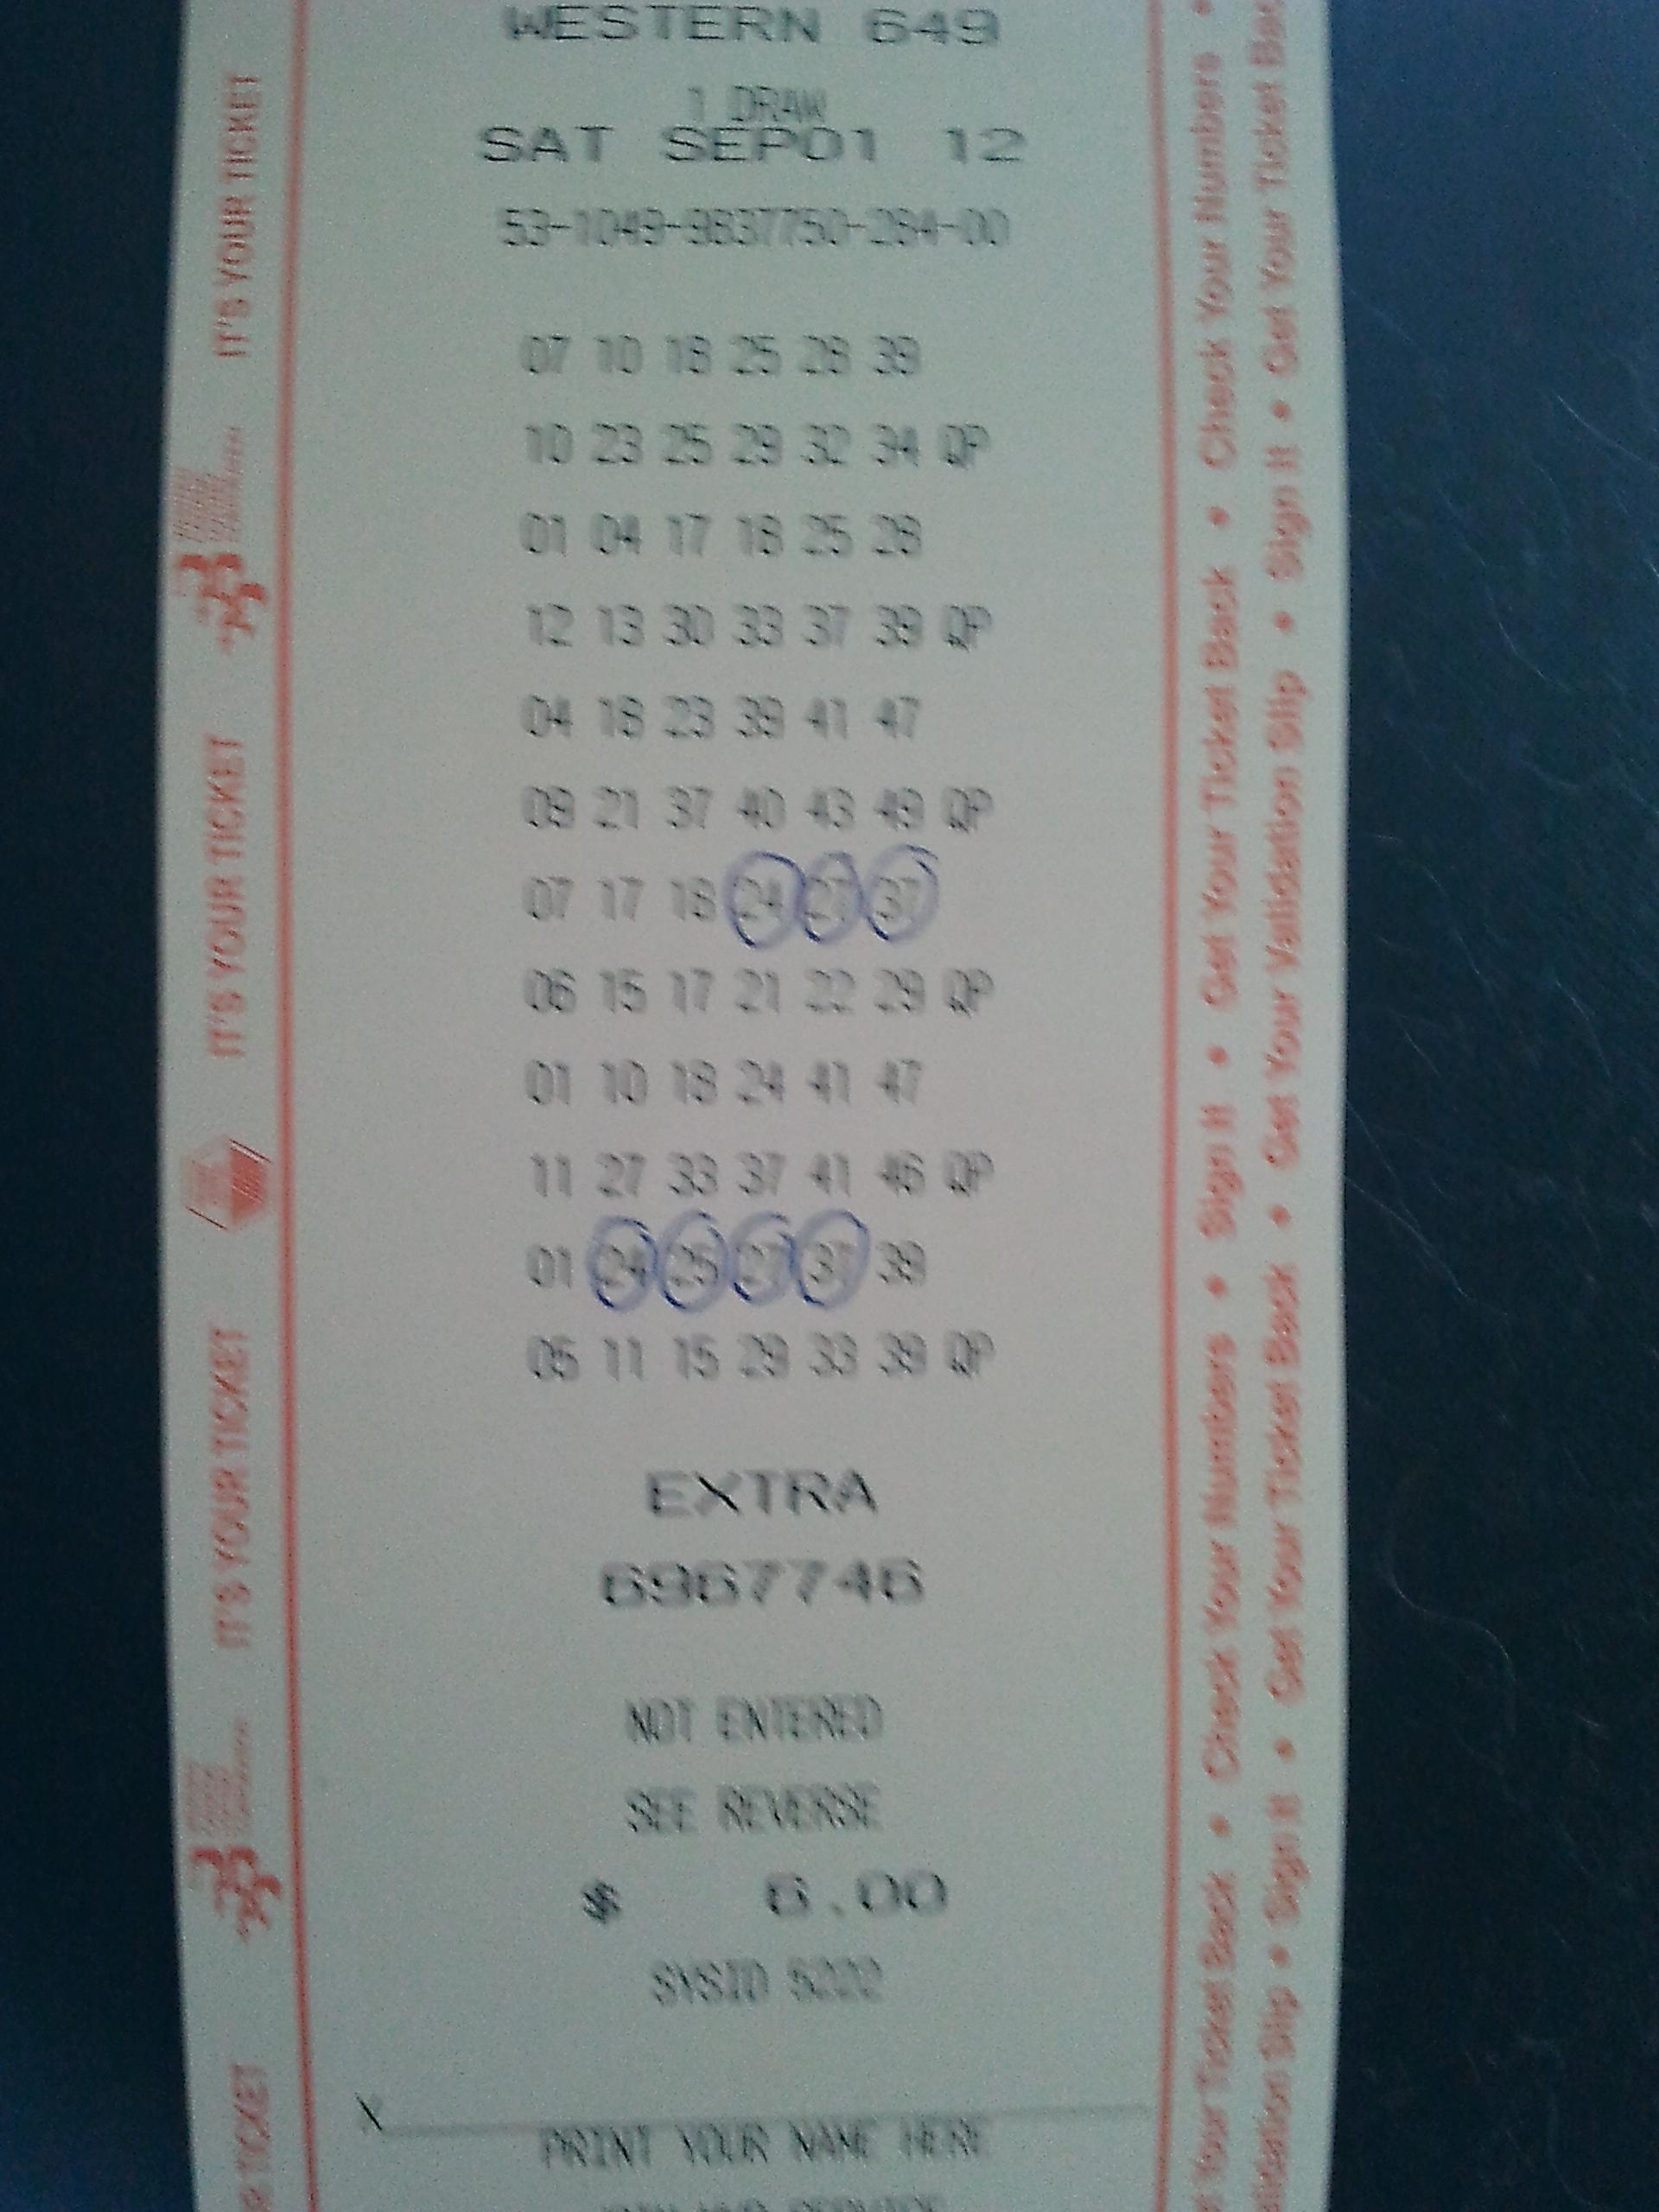 Western 649 Winning Lottery ticket